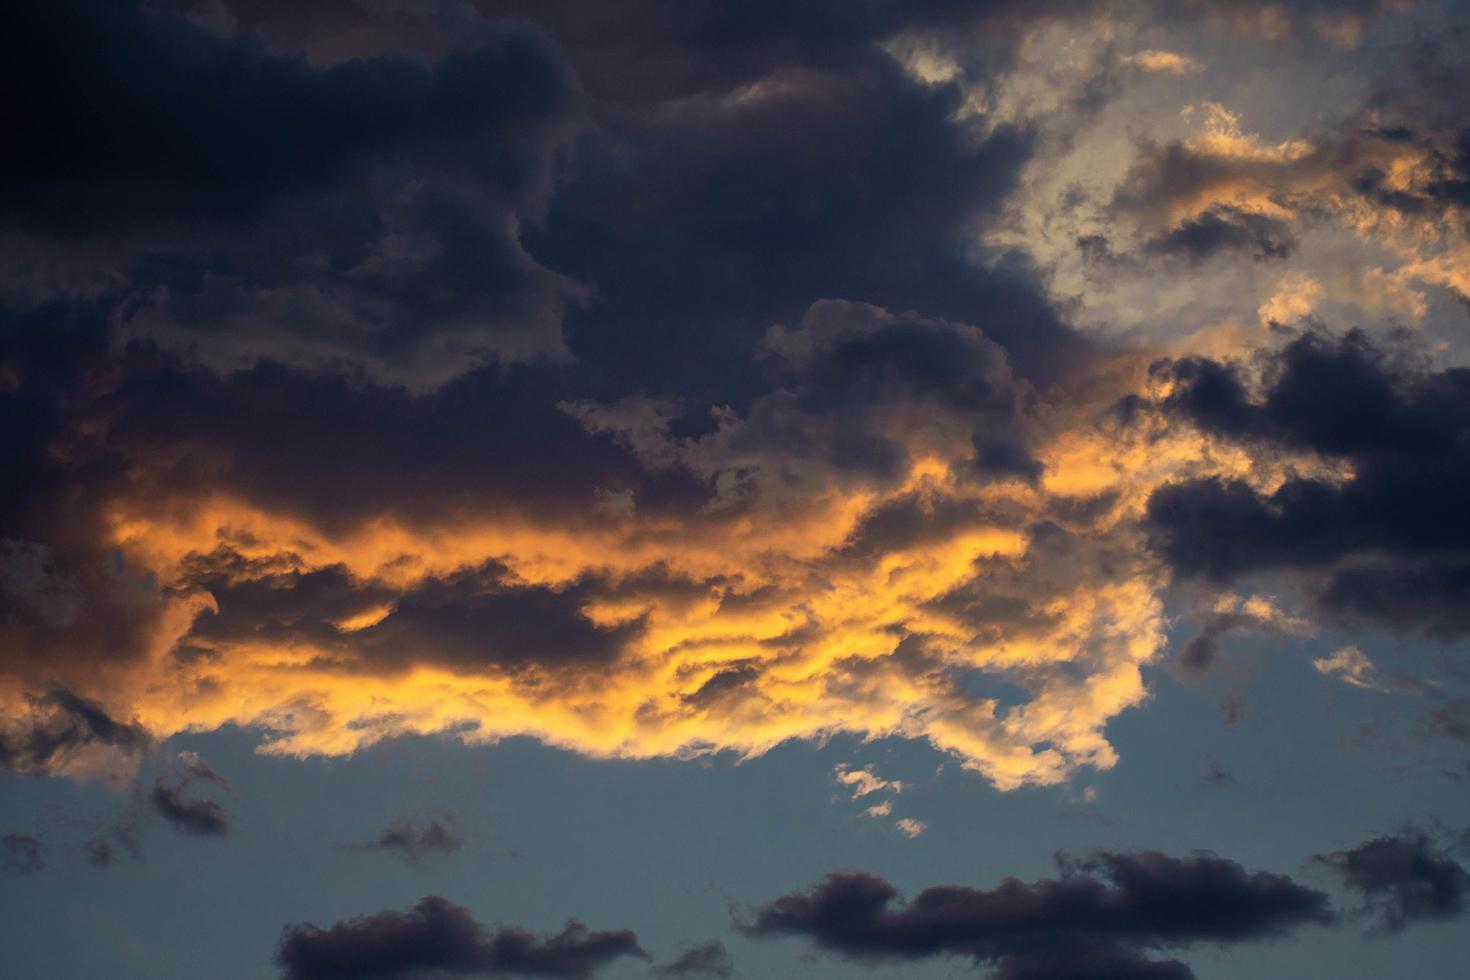 nuages sombres et orageux photo